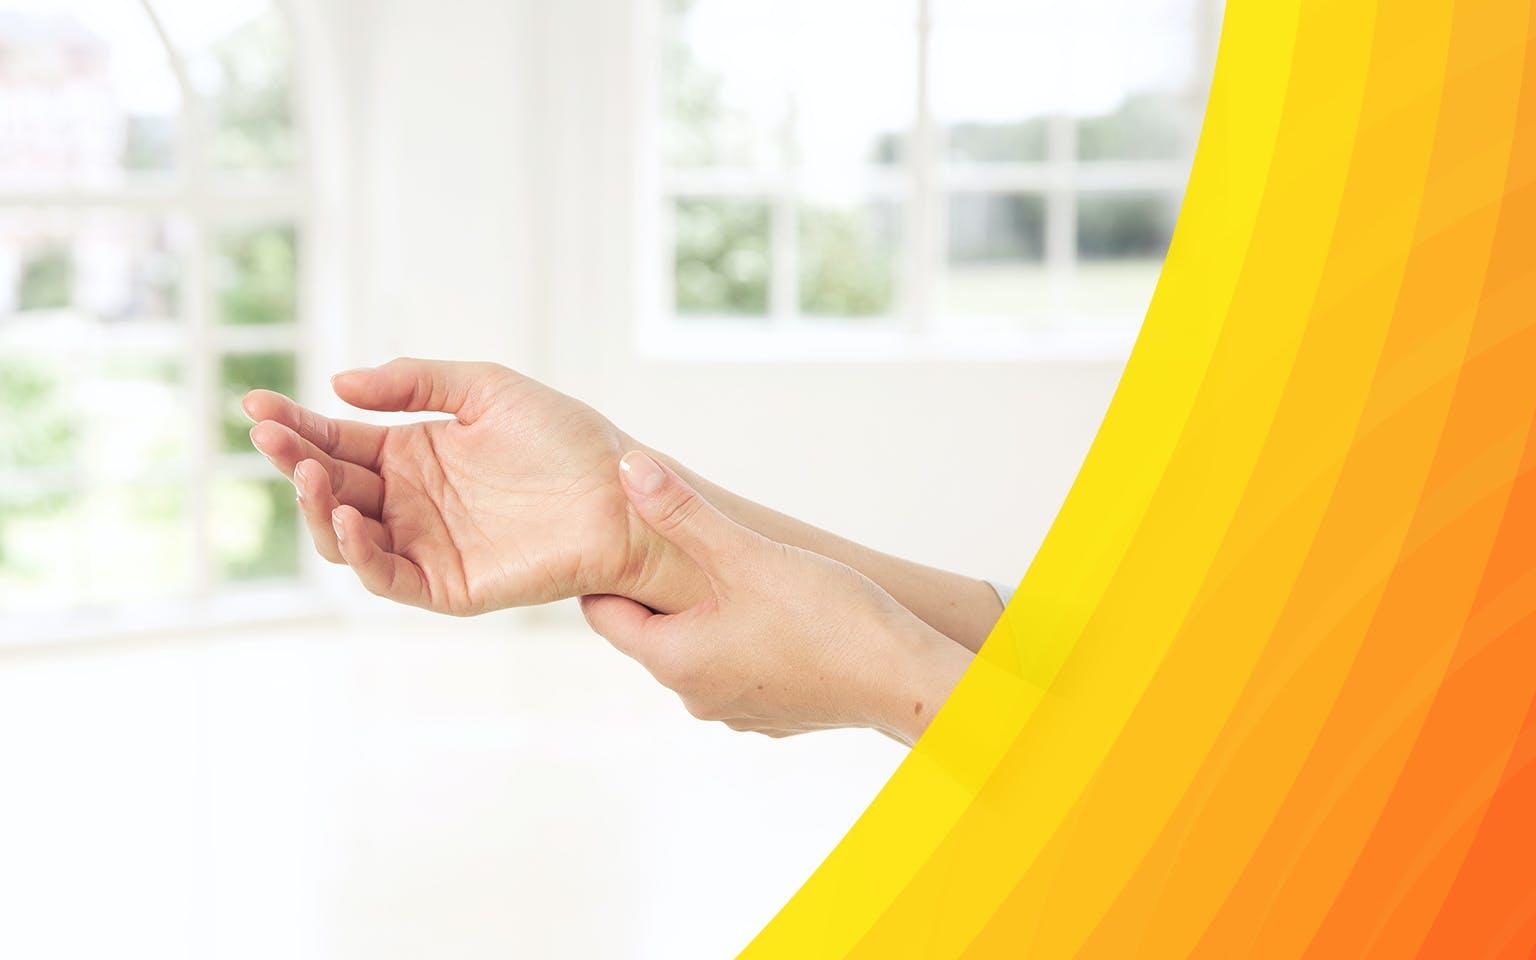 Jeune femme tenant son poignet blessé